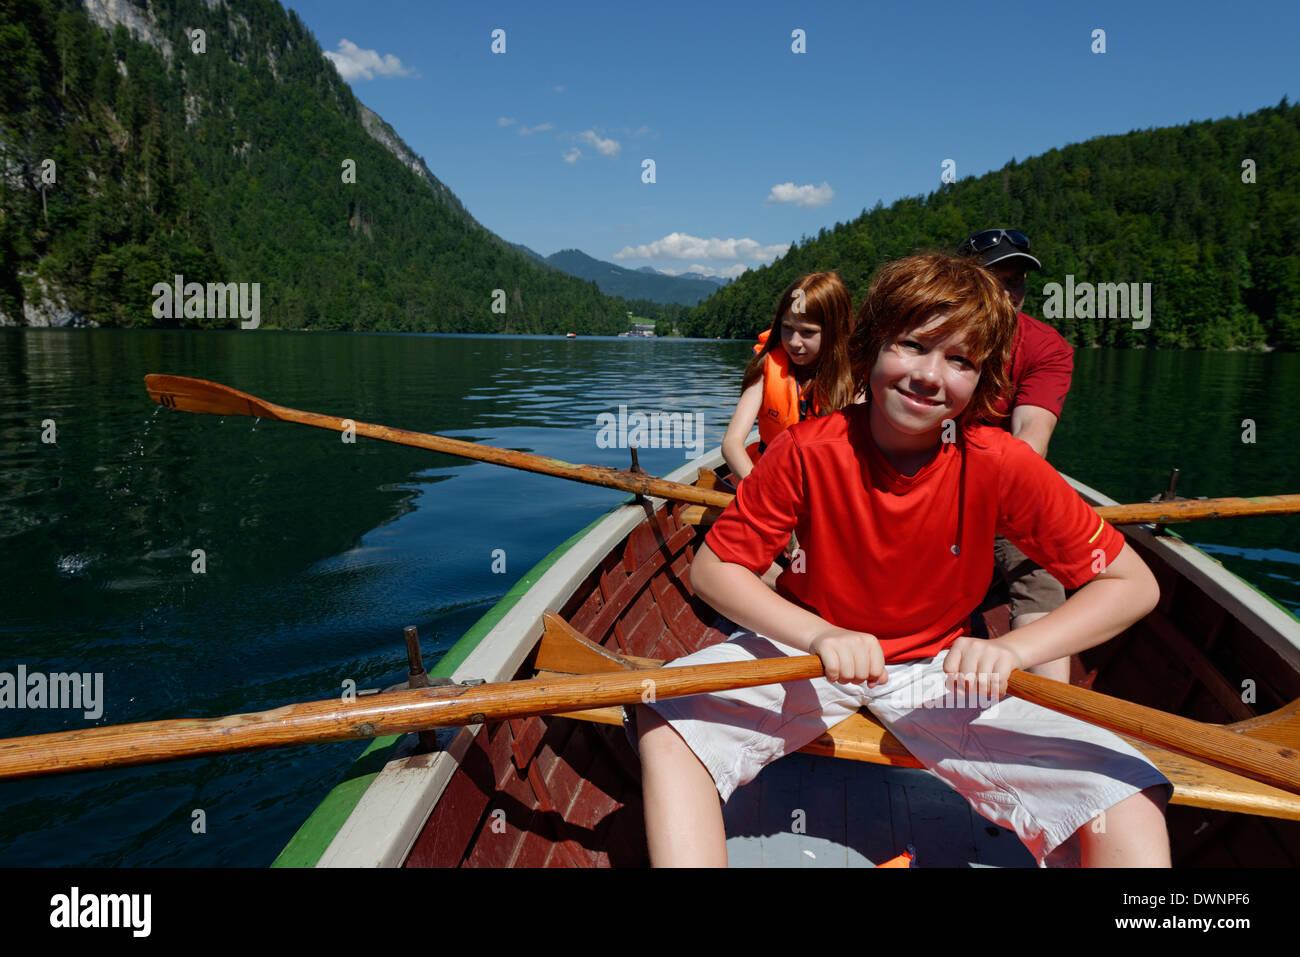 Les enfants dans un bateau à rames sur le lac Königssee, Berchtesgadener Land, district de Haute-bavière, Photo Stock